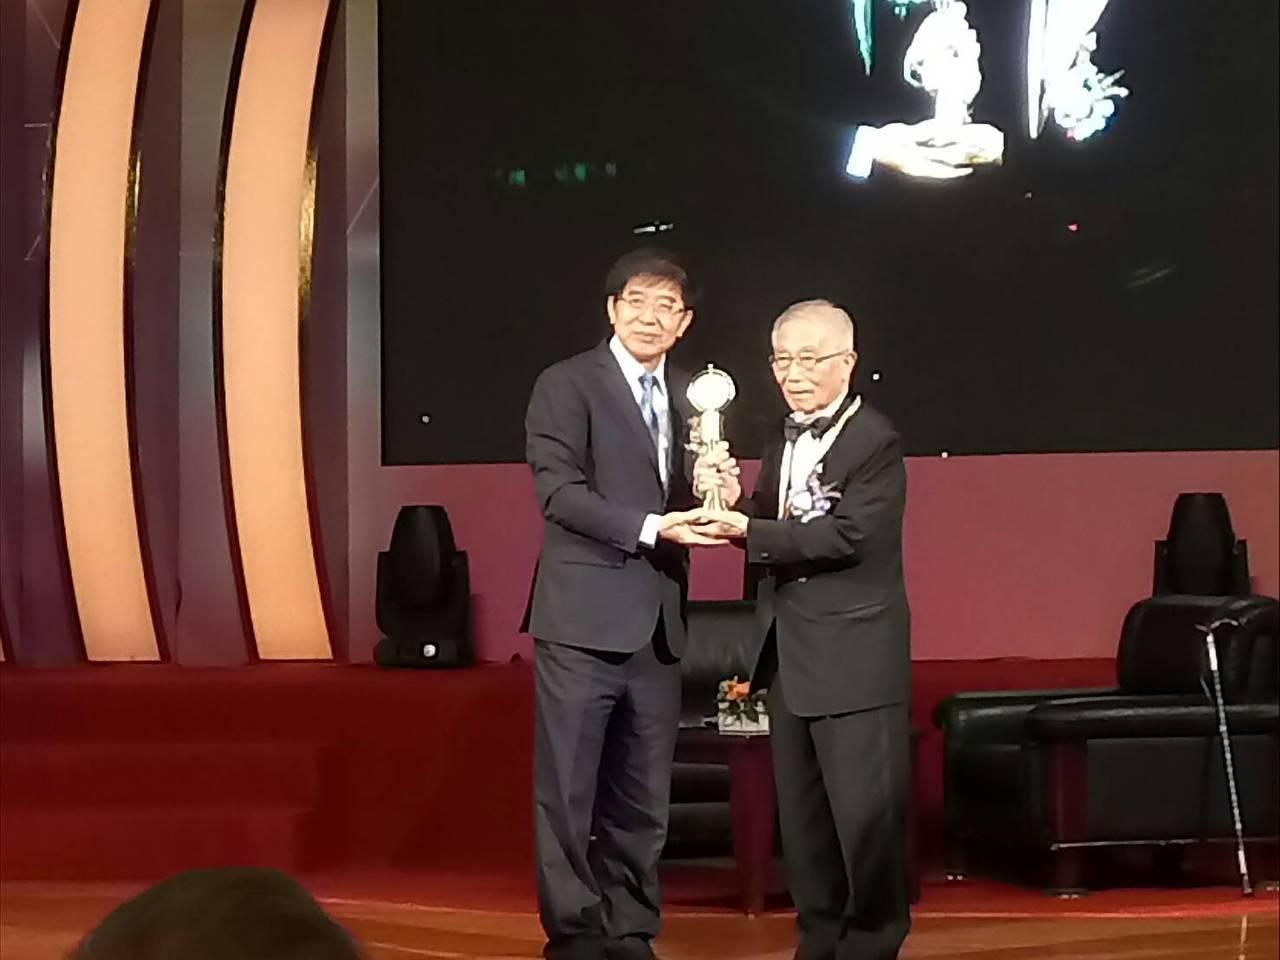 第28屆醫療奉獻獎今頒獎,今年的特殊醫療貢獻獎得主是人稱「內視鏡鼻祖」的醫師陳寶...